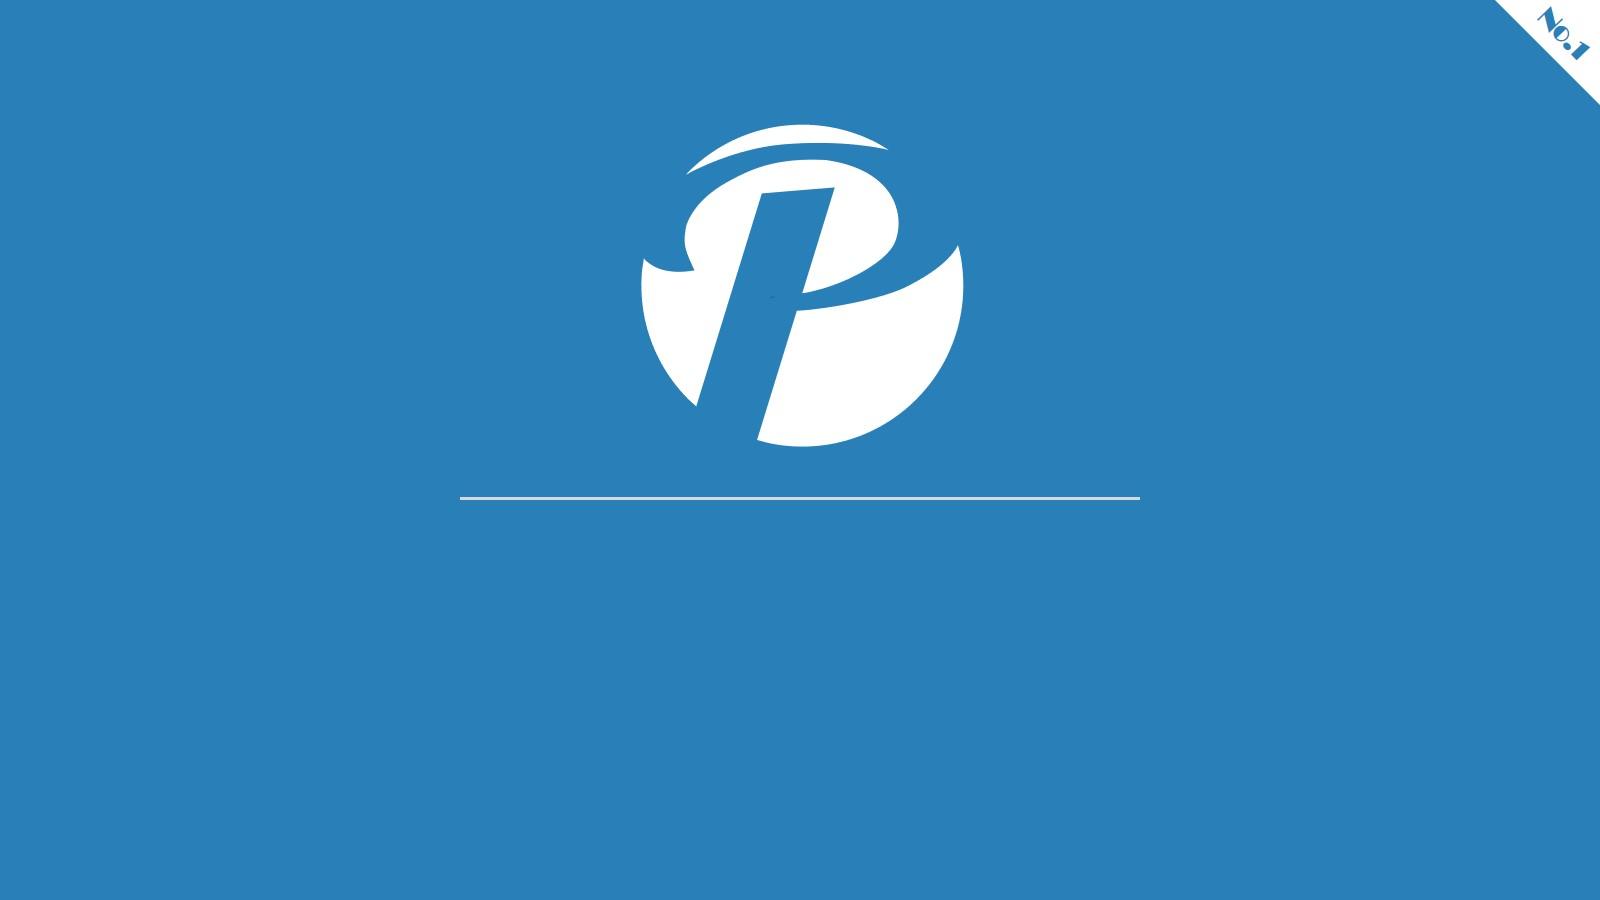 夏影PPT教程第三期:玩转PPT信息图 PowerPoint图表的技巧